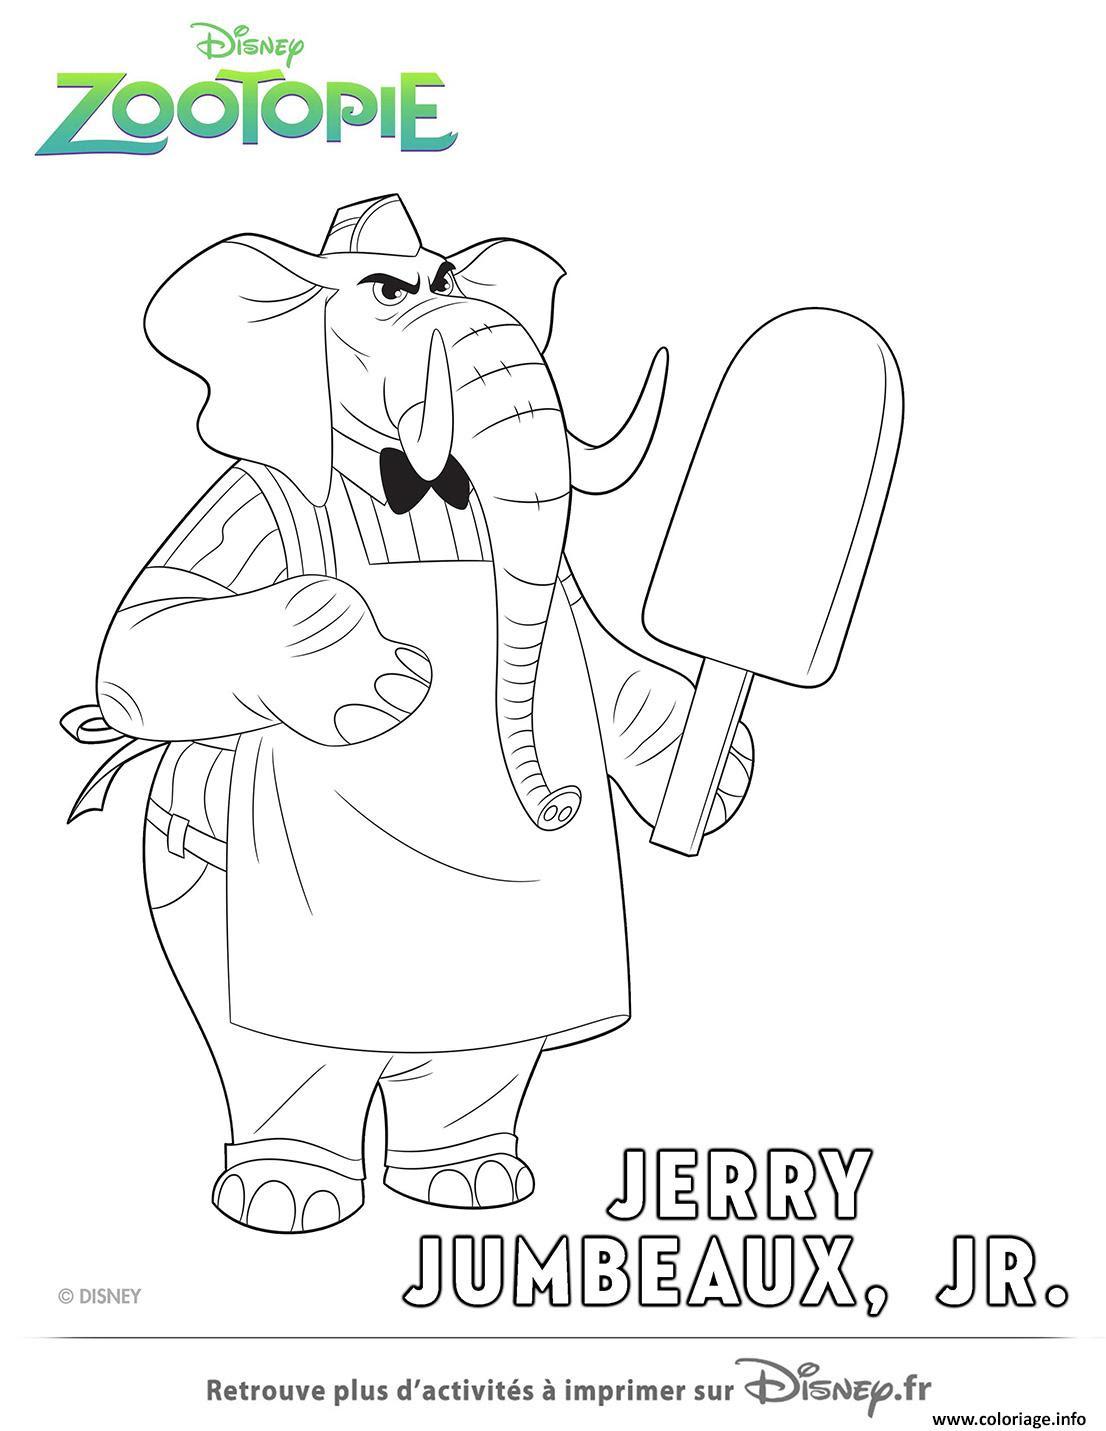 Coloriage Jerry Le Vendeur De Glace De Zootopie Dessin  Imprimer